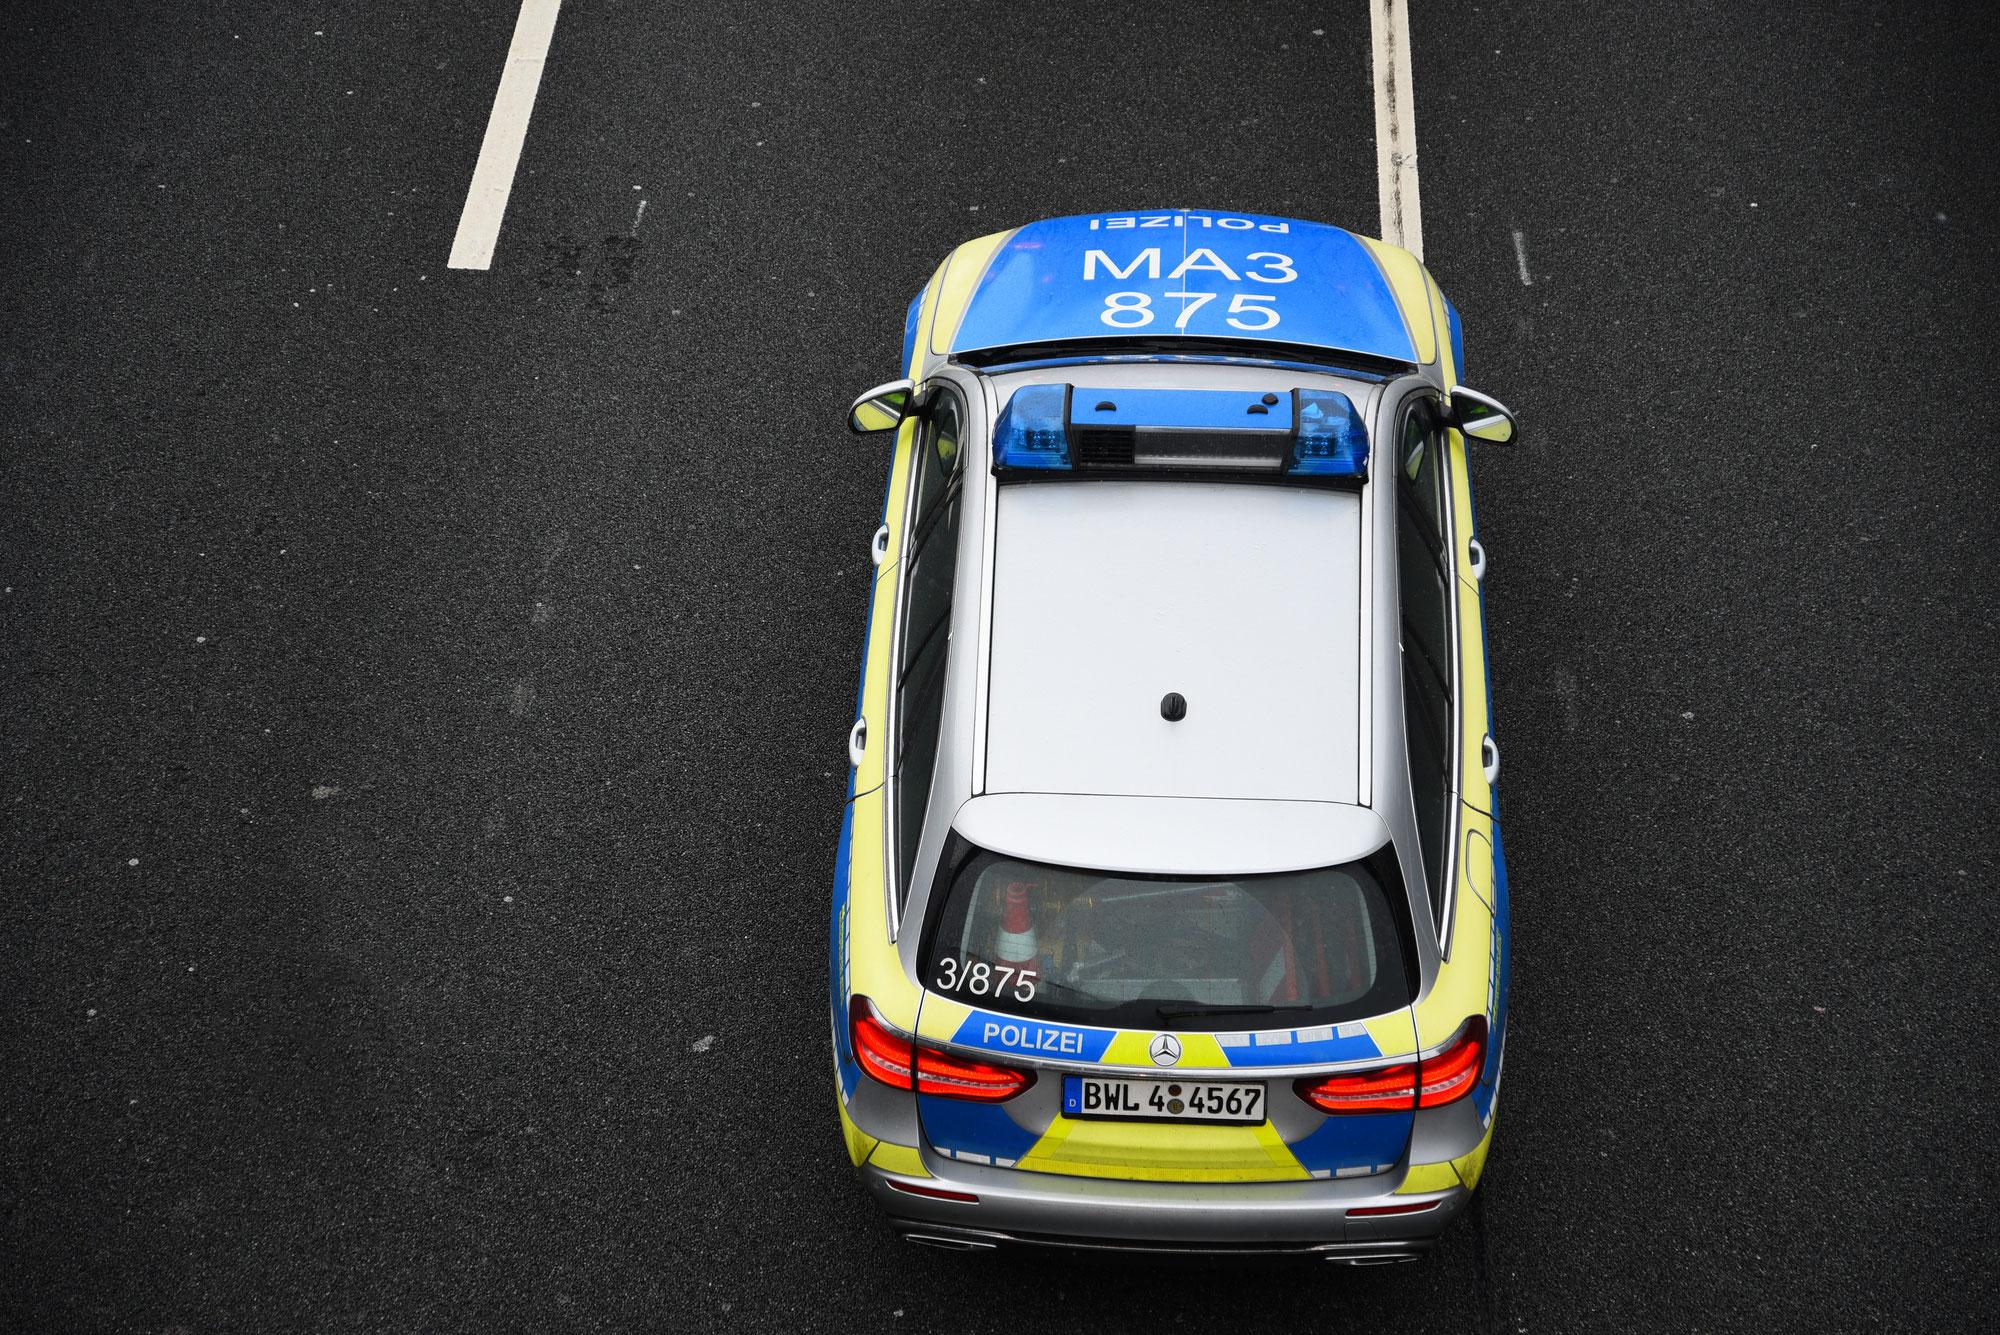 Karlsruhe: Mehrere Autofahrer gefährdet - Polizei sucht Zeugen und Geschädigte